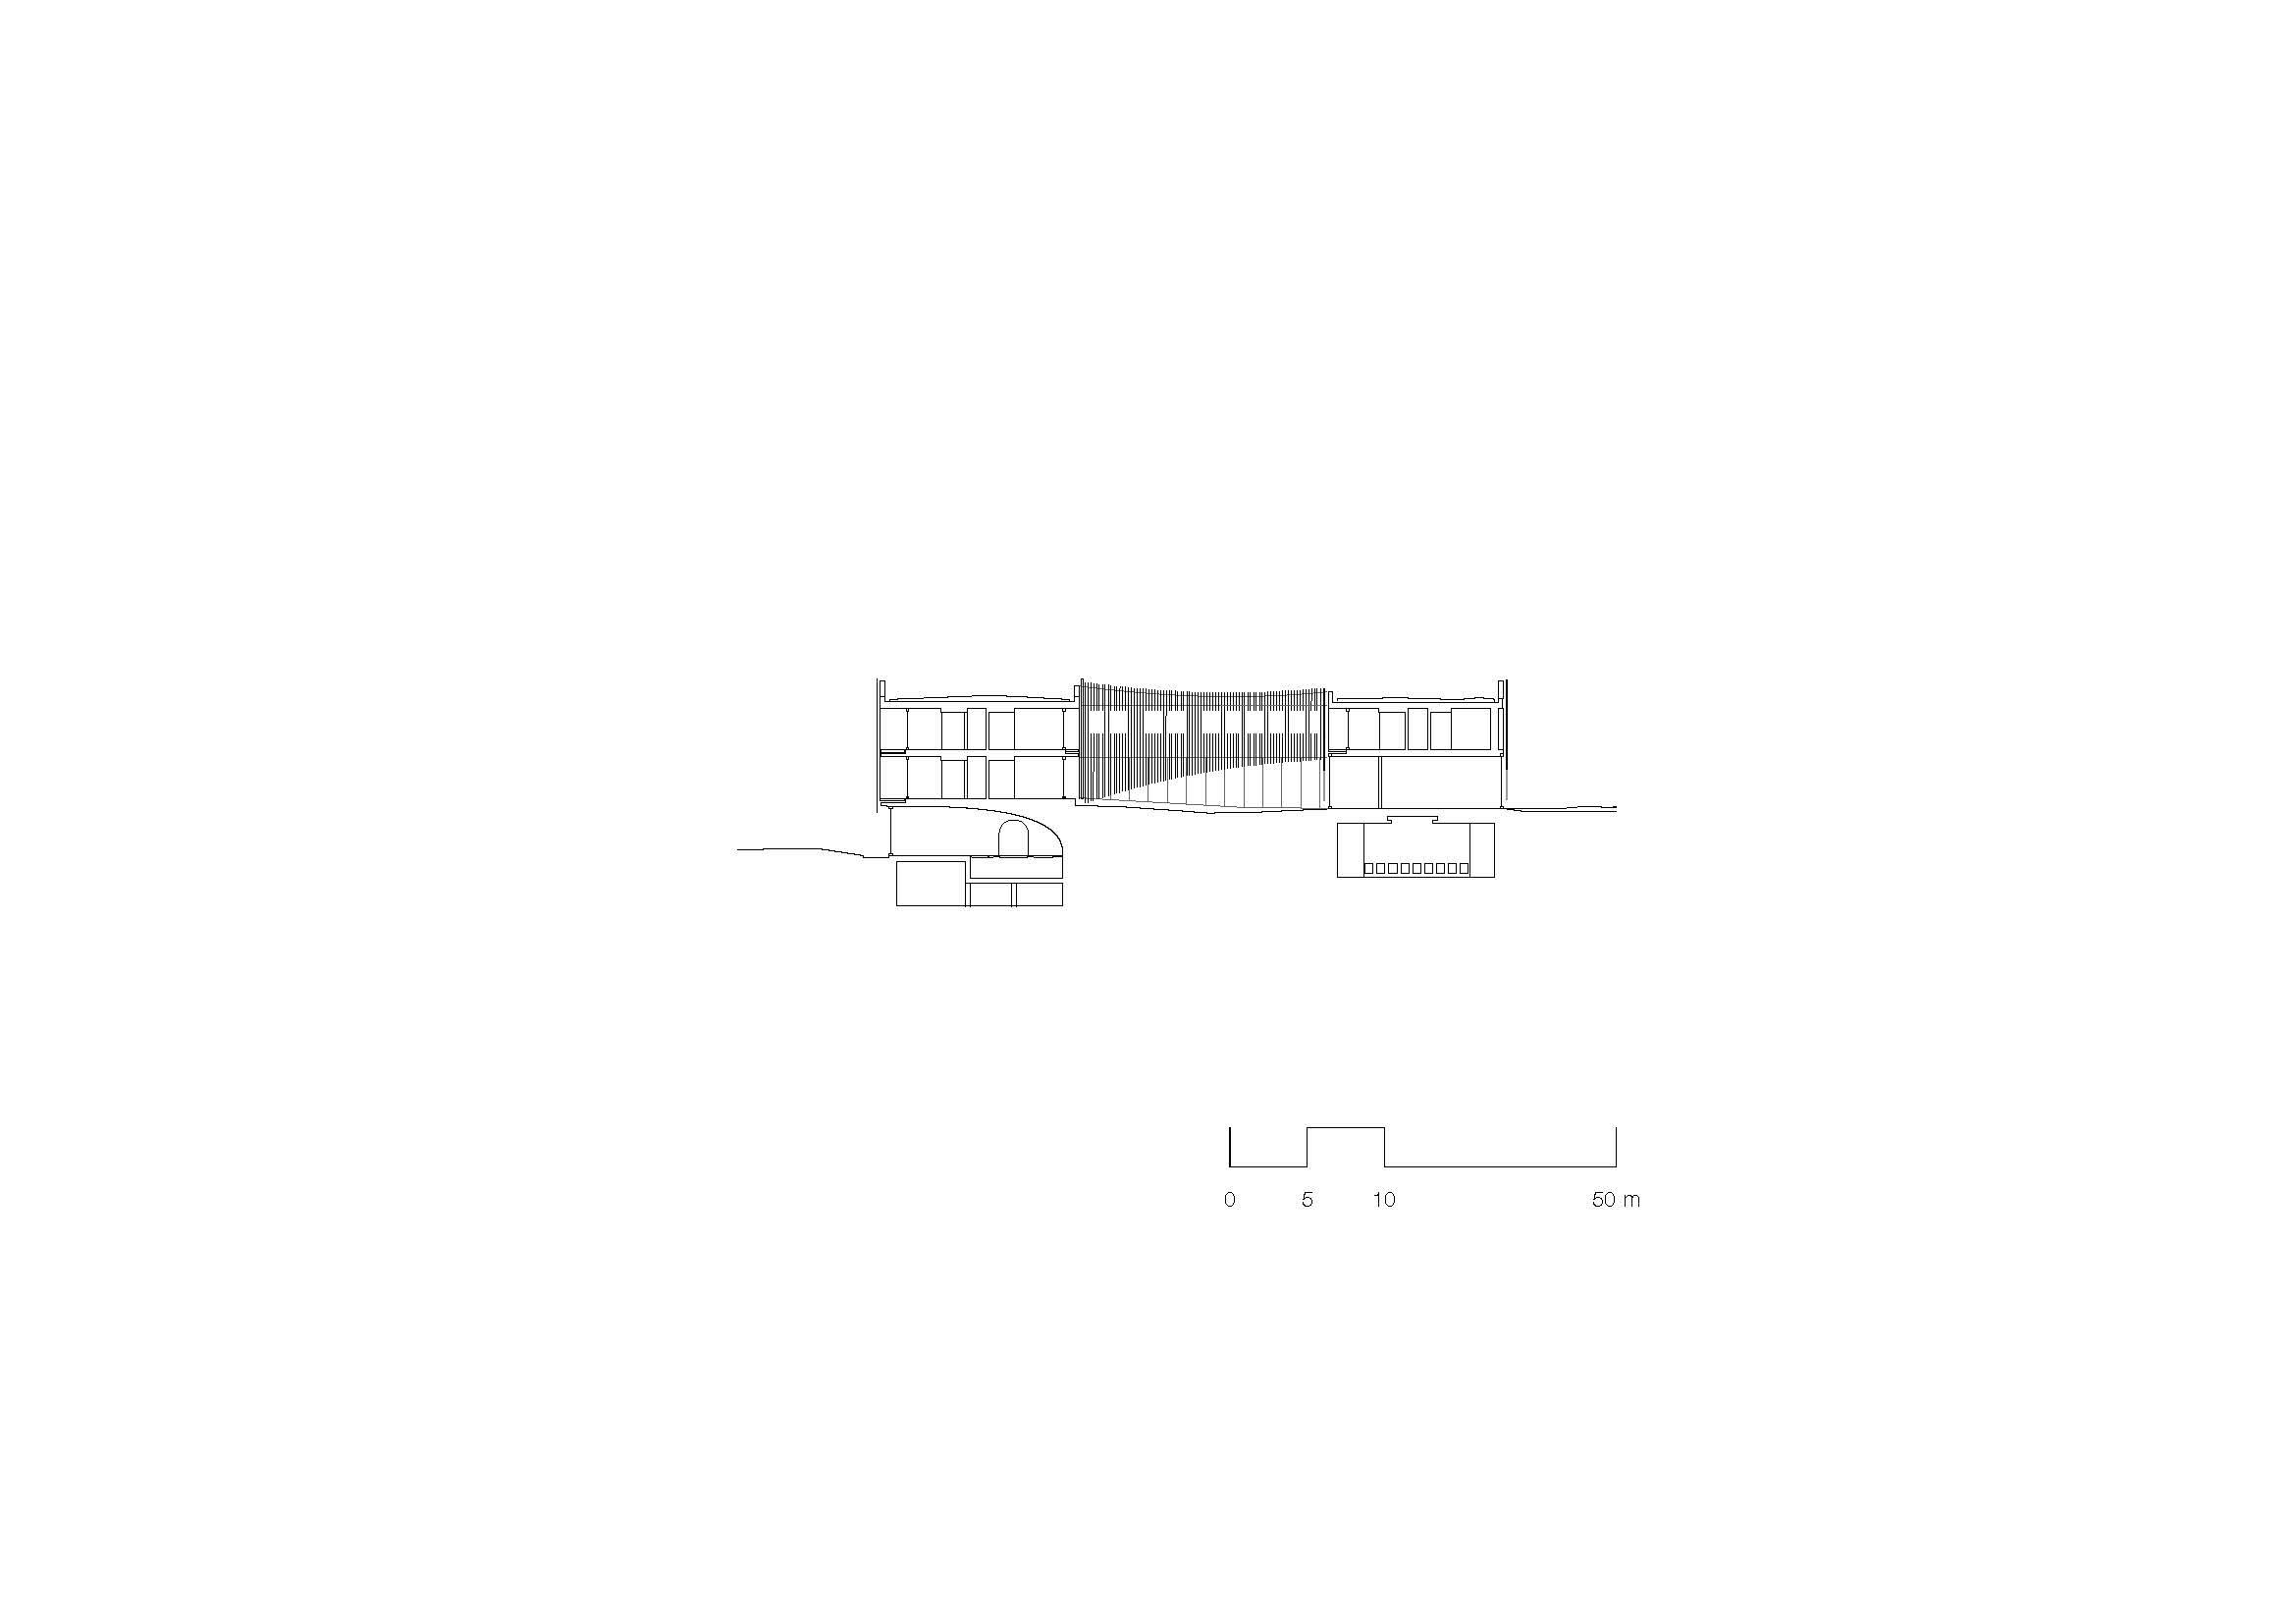 208_CORB_PUB_05_COUPE_AH_Page_2